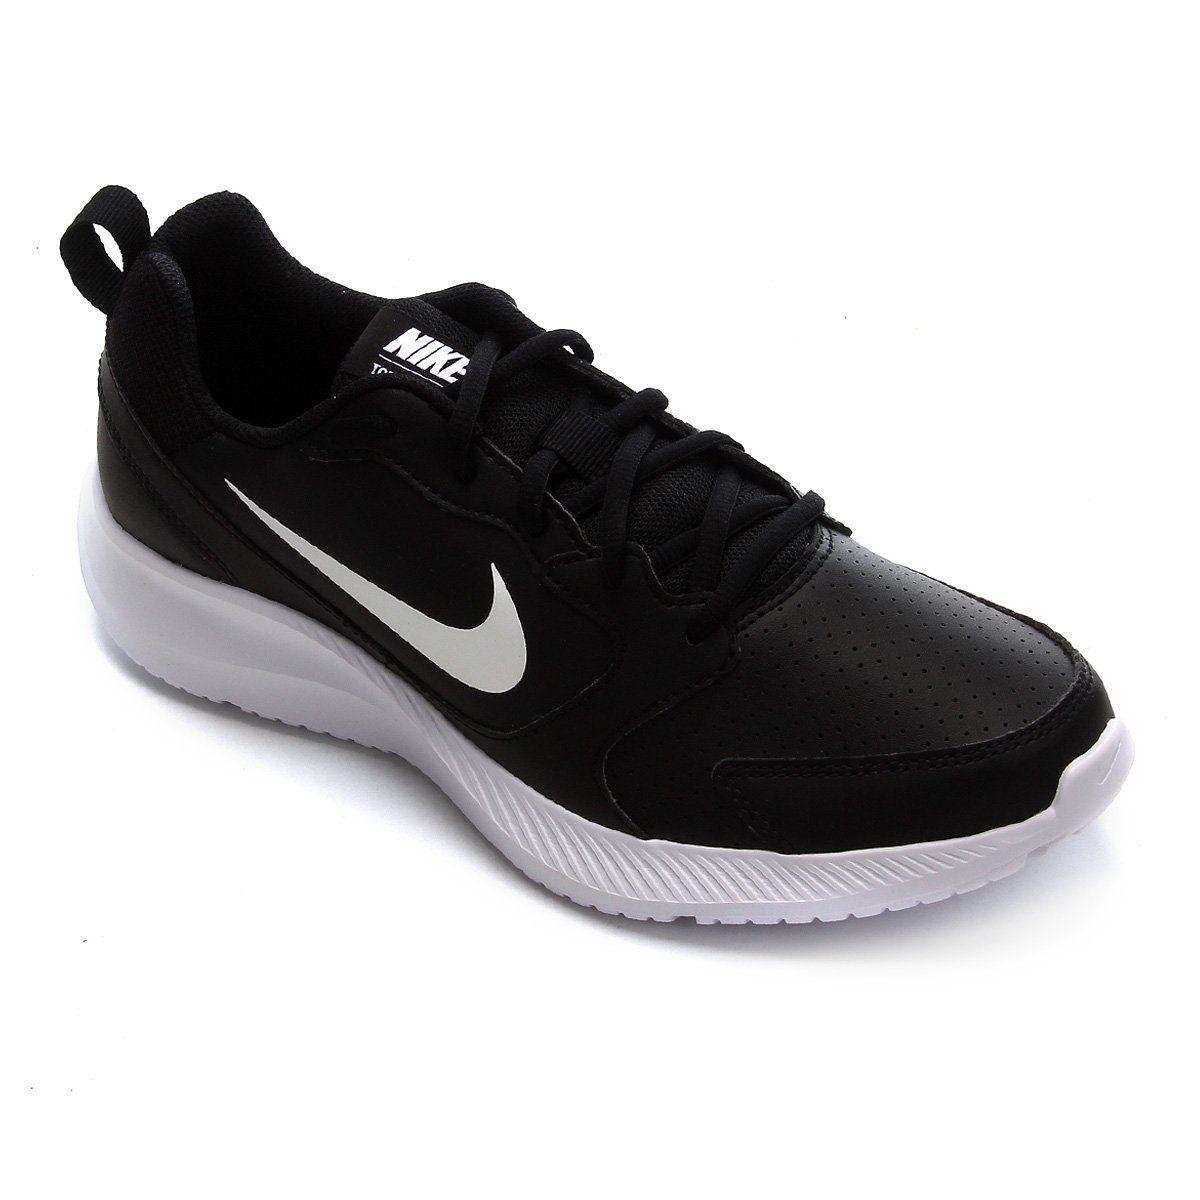 Tênis Nike Todos Original Preto Confortável Masculino